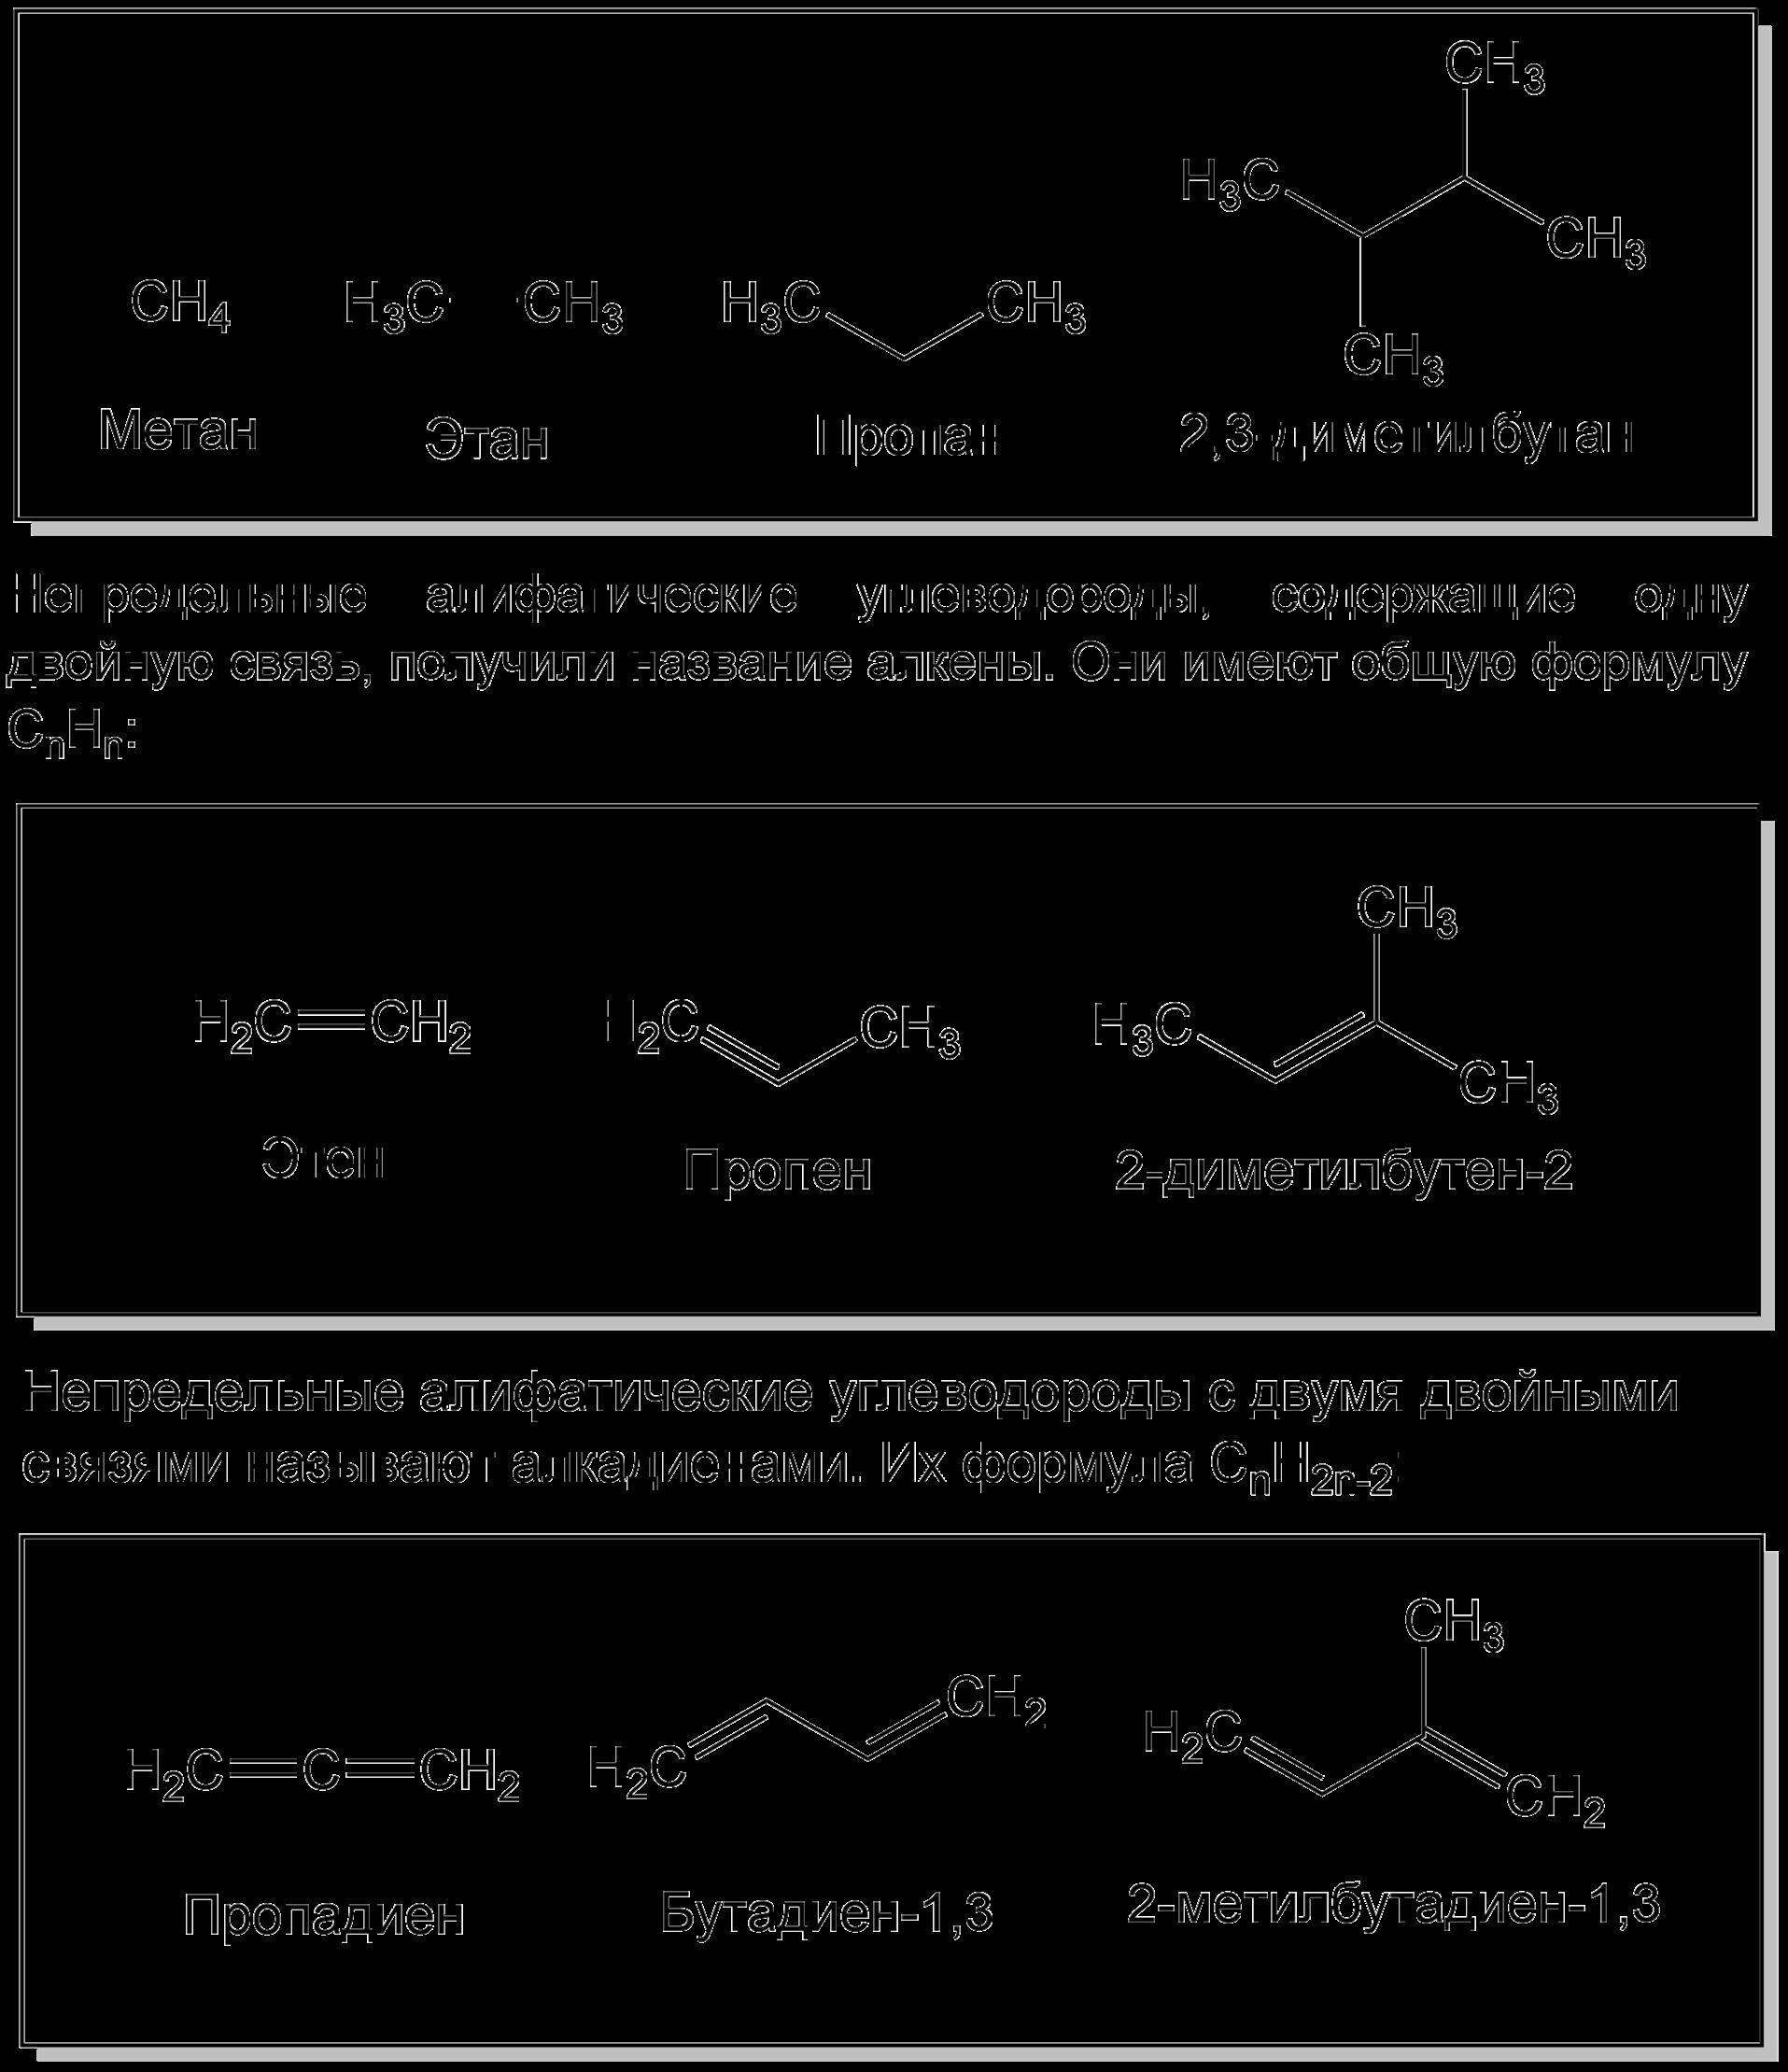 тест по химии 10 класс спирты ответы